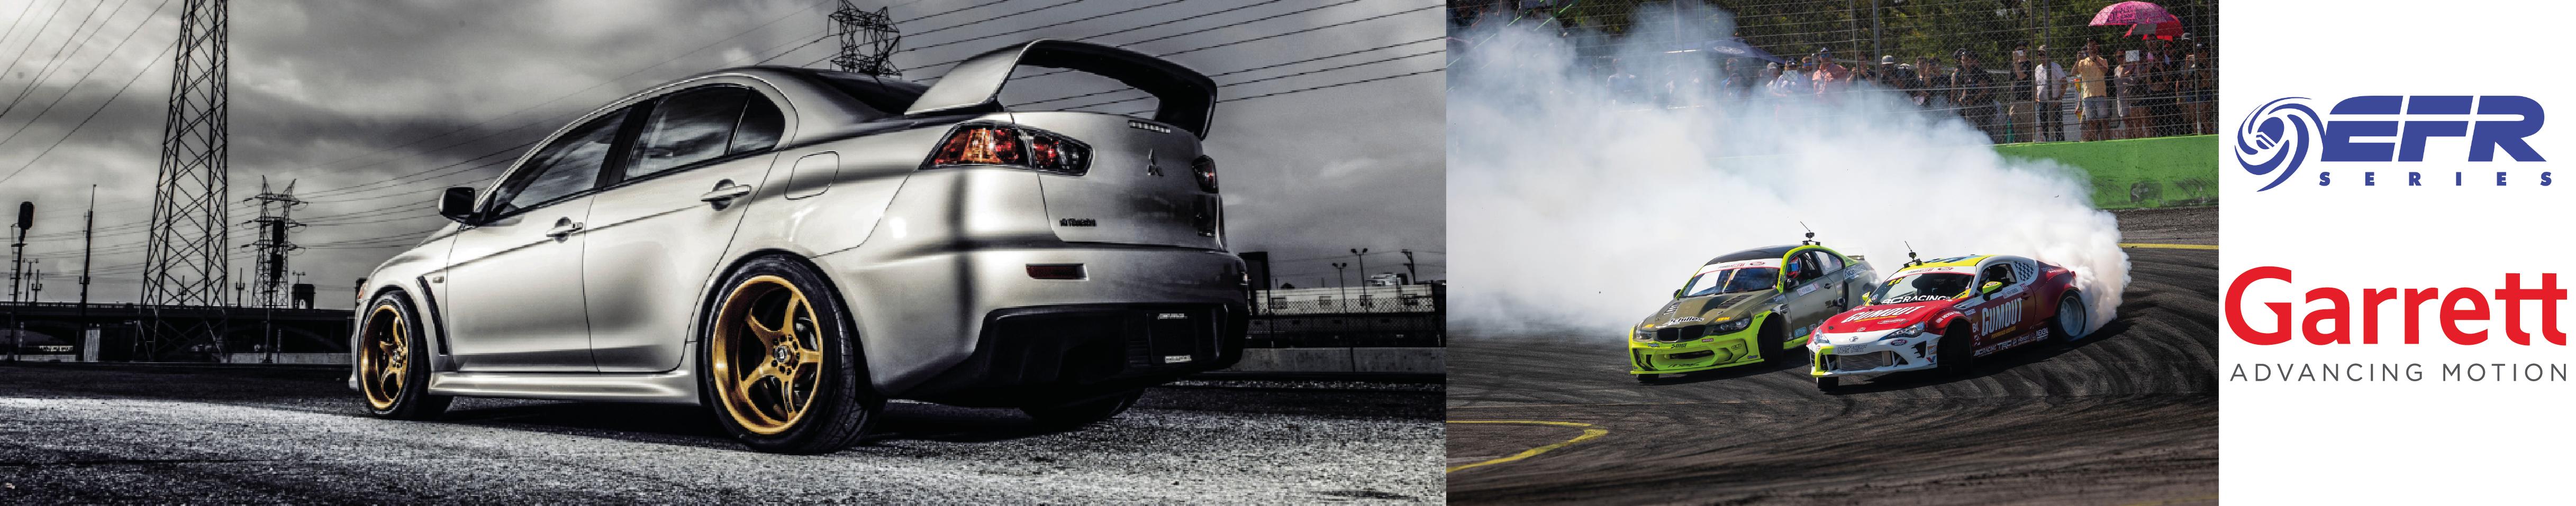 Performance | Få mer kraft och styrka | GIK Turbo se